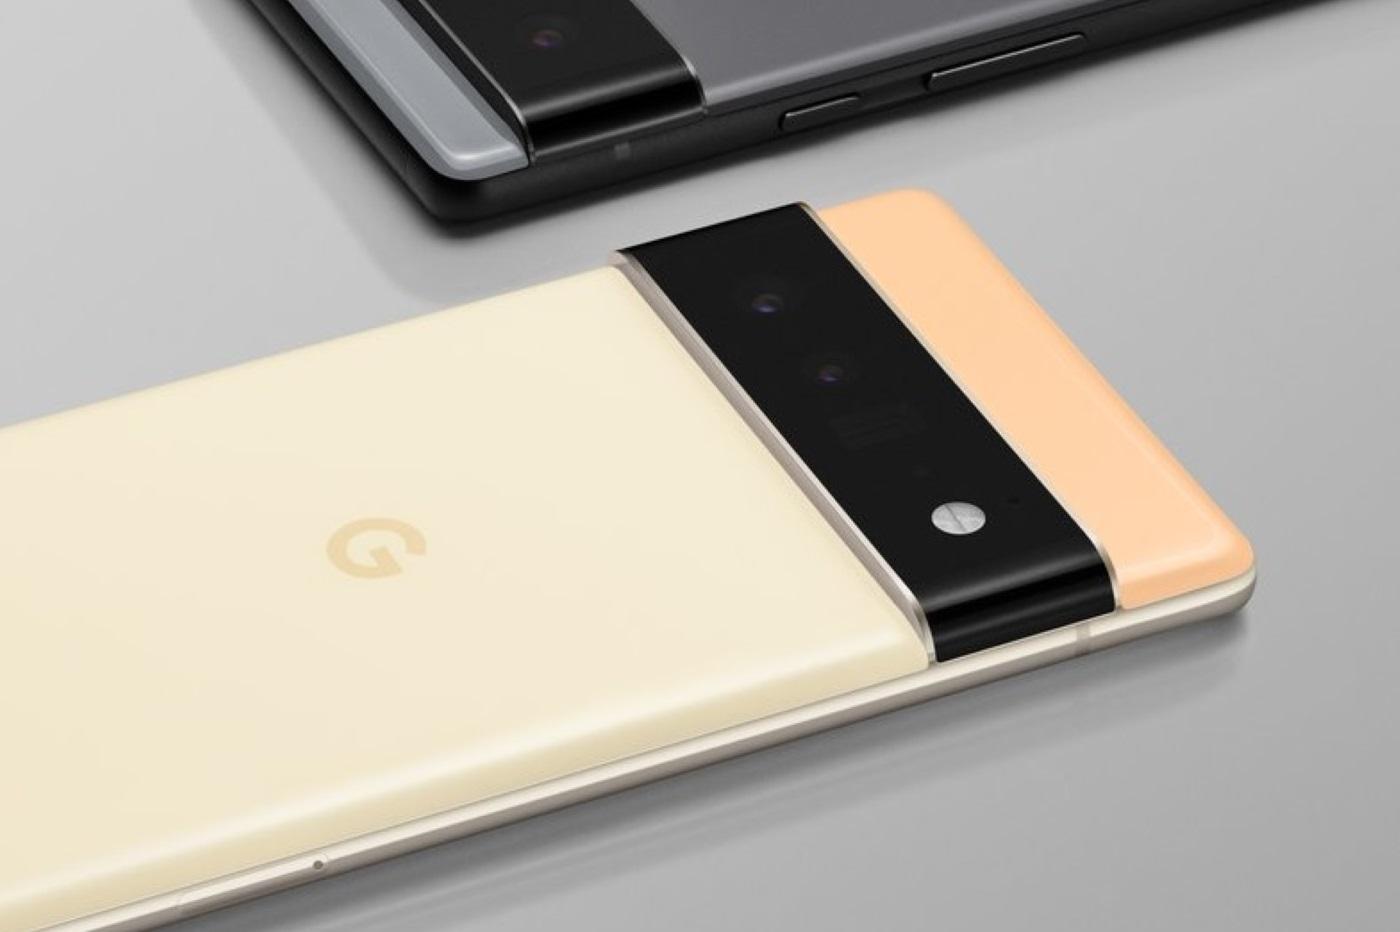 Le lancement du Pixel 6 marque-t-il le début d'une guerre entre Google et Qualcomm?